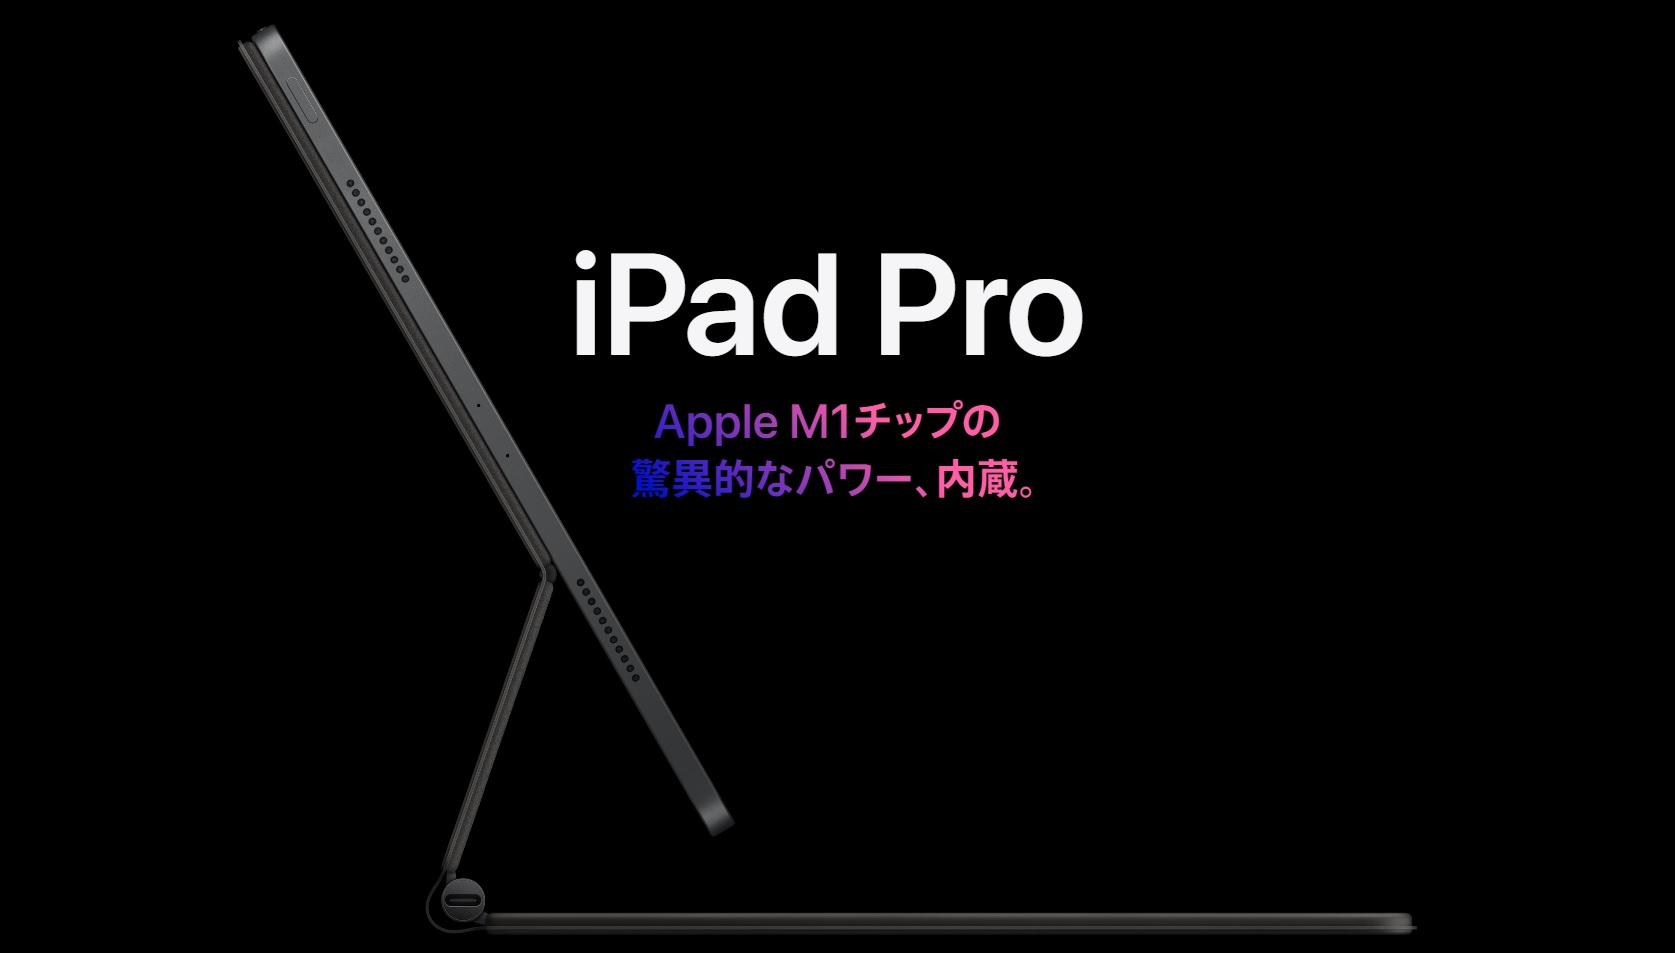 iPad Pro M1搭載